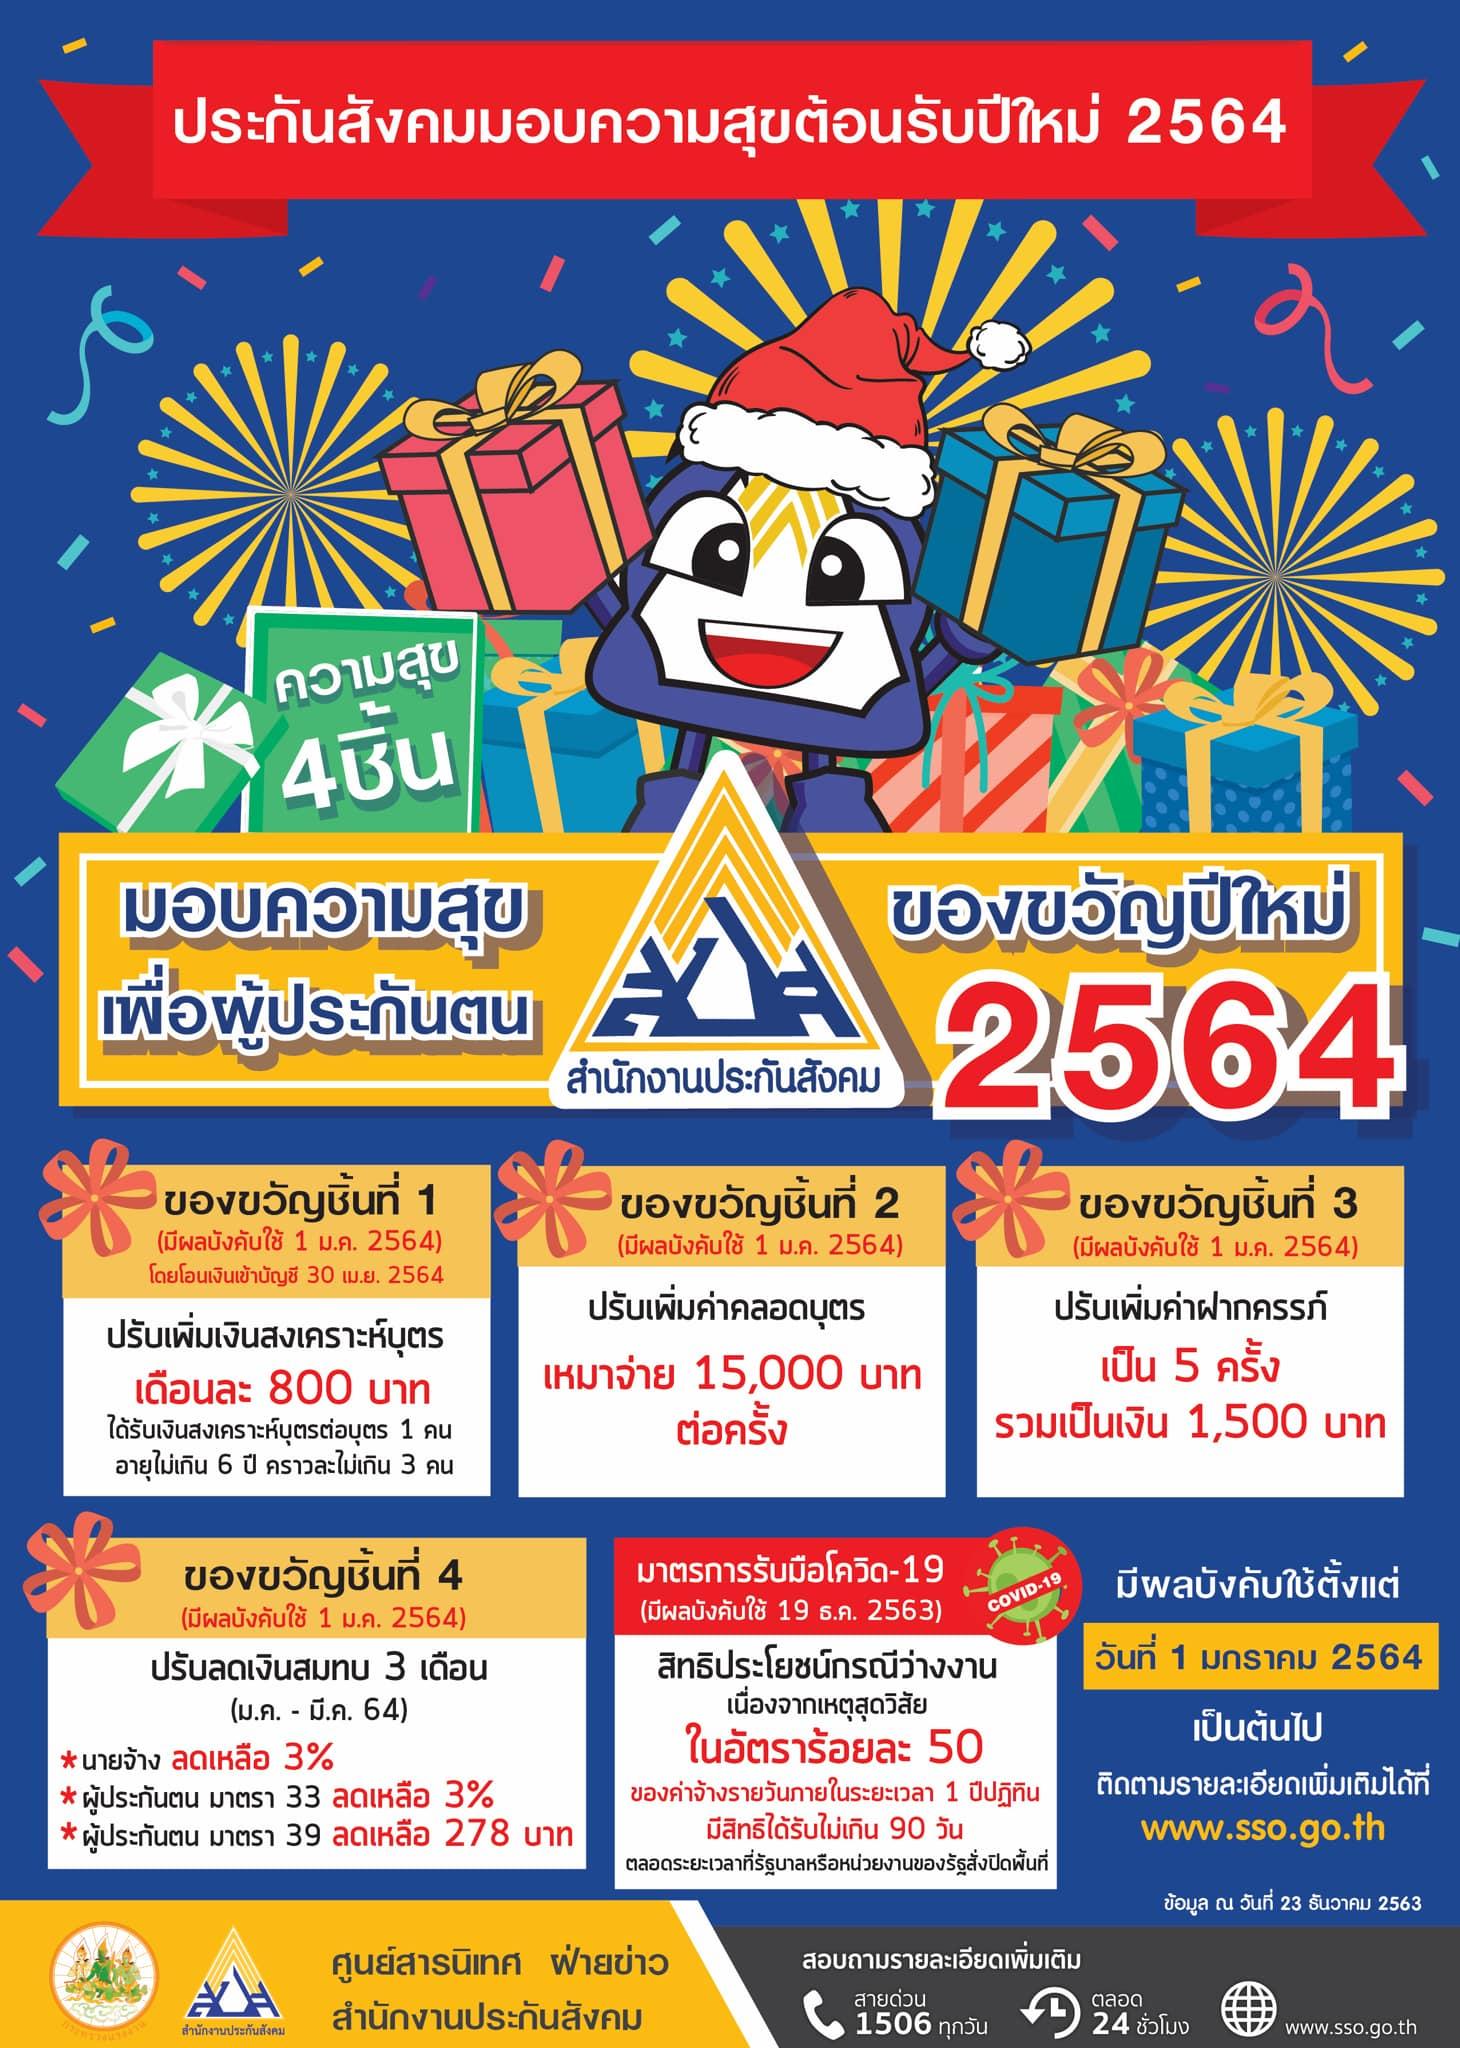 ประกันสังคมมอบความสุขต้อนรับปีใหม่ 2564